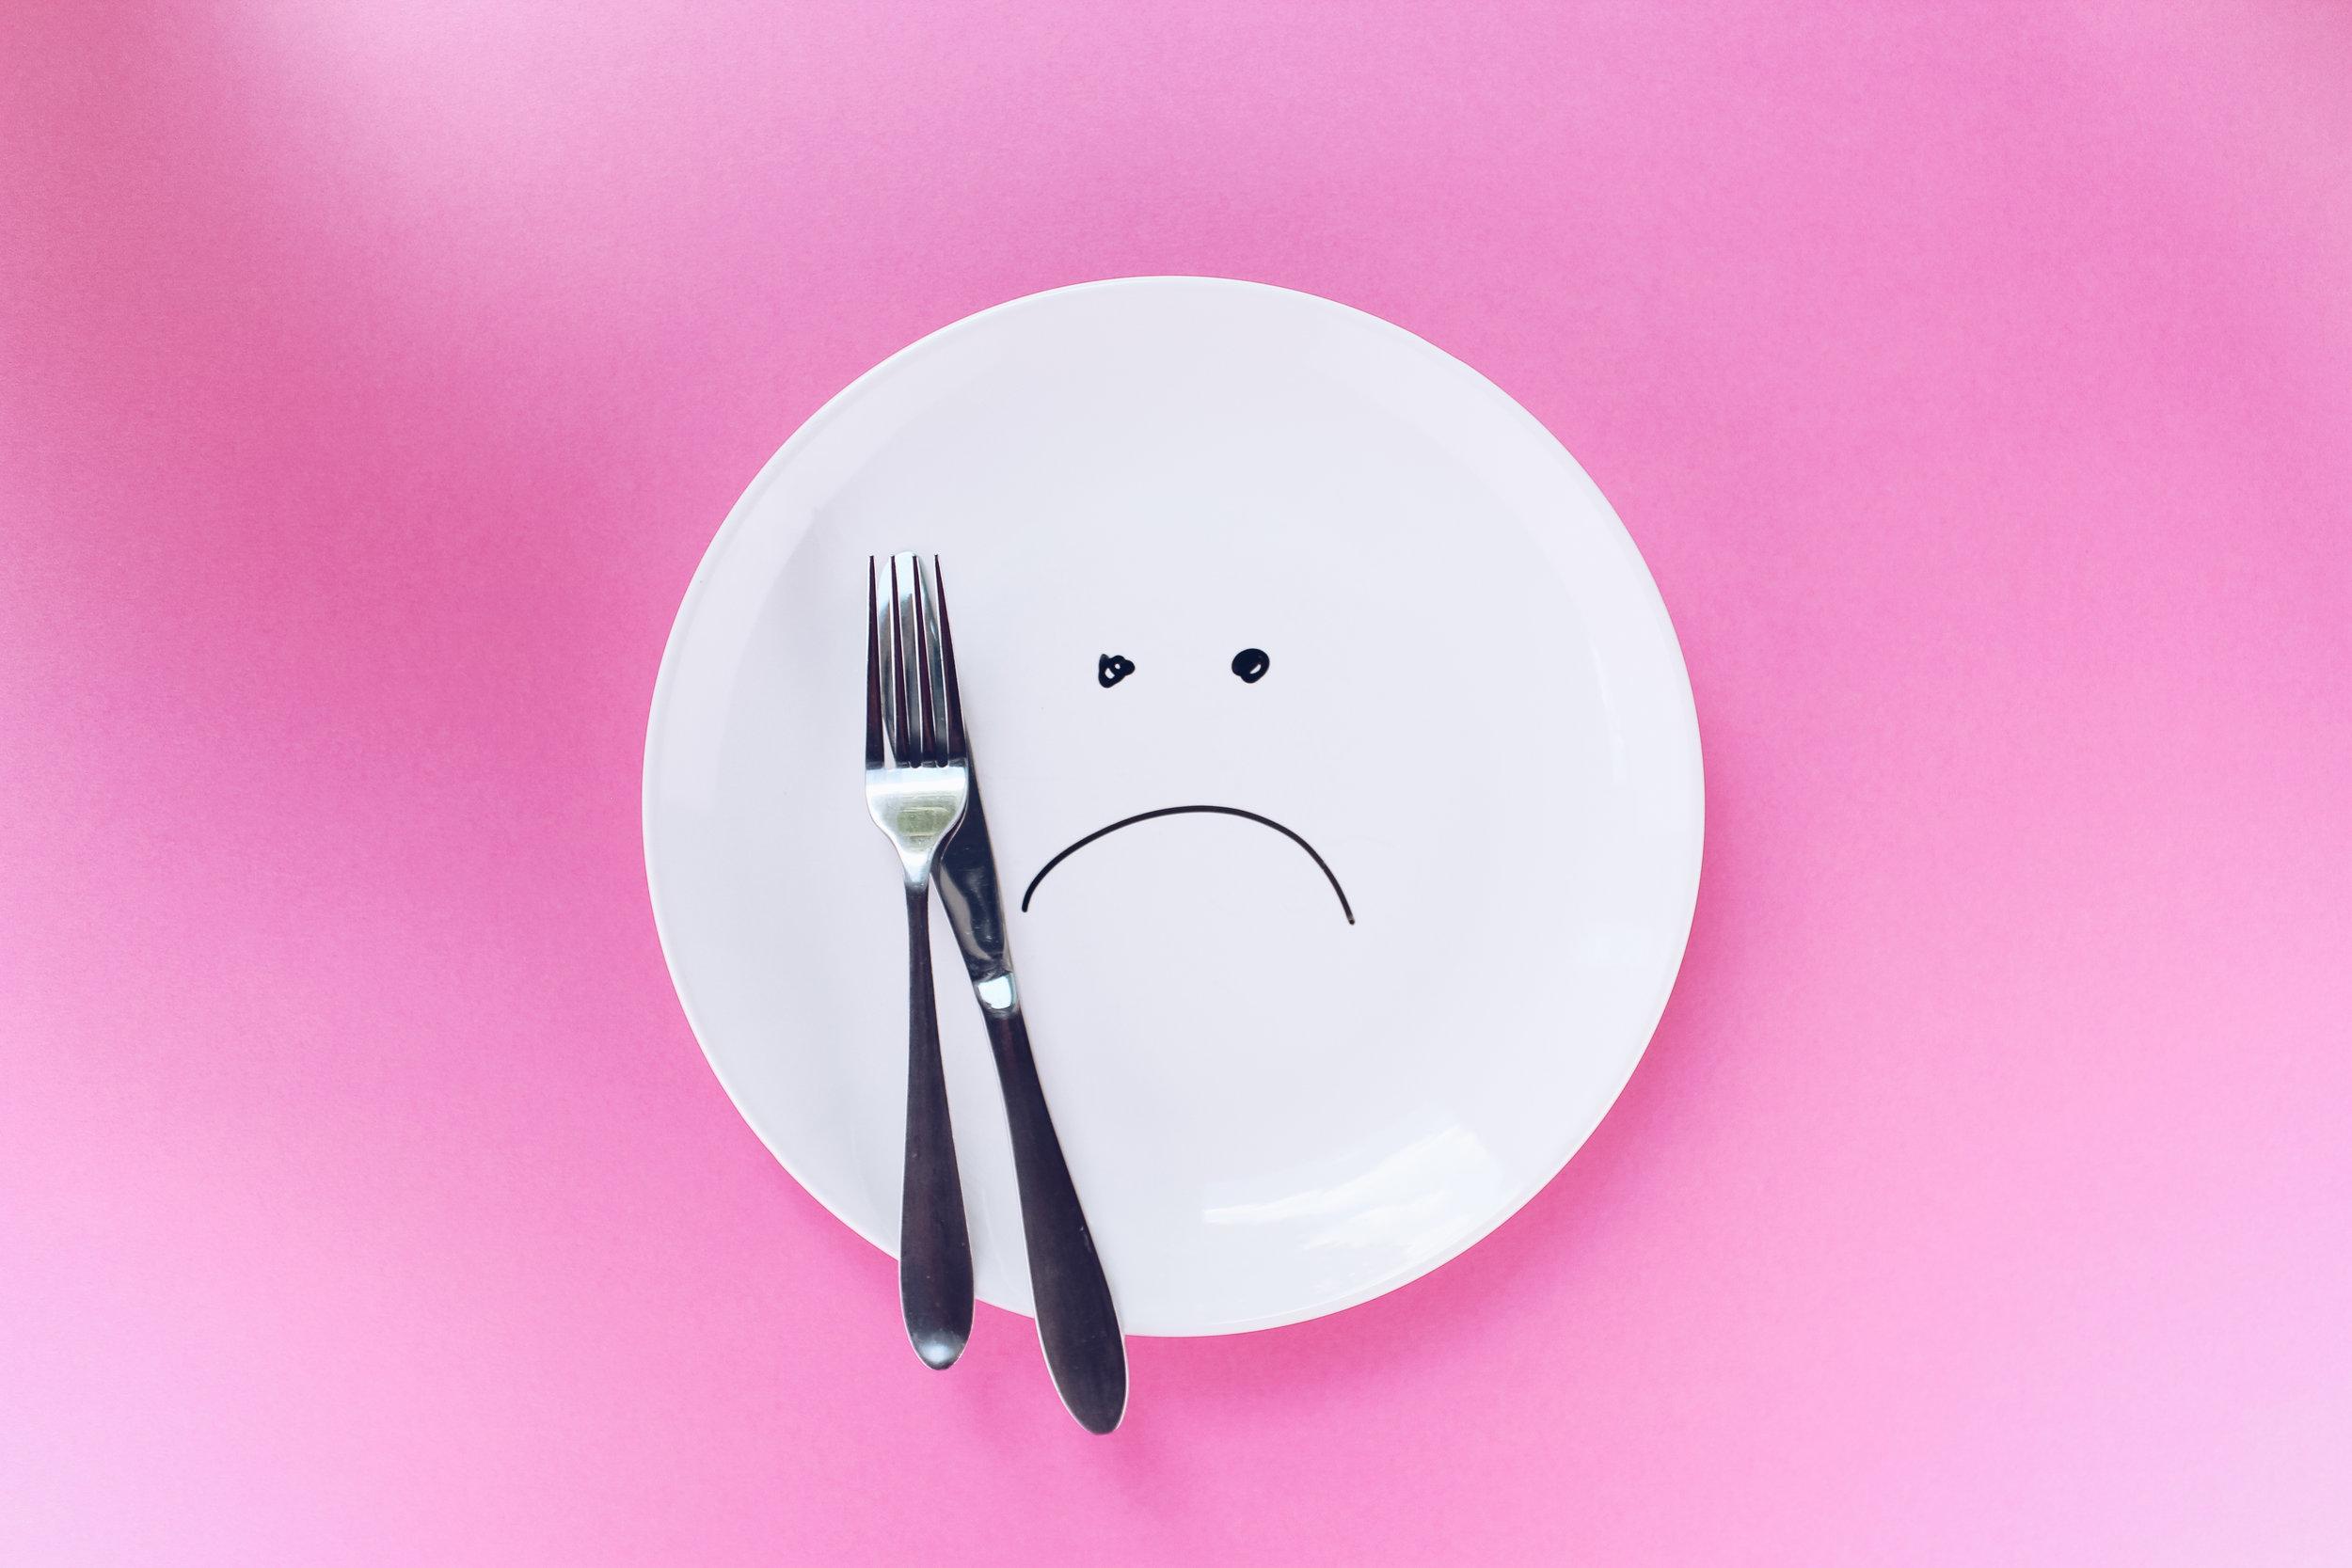 diet_plate